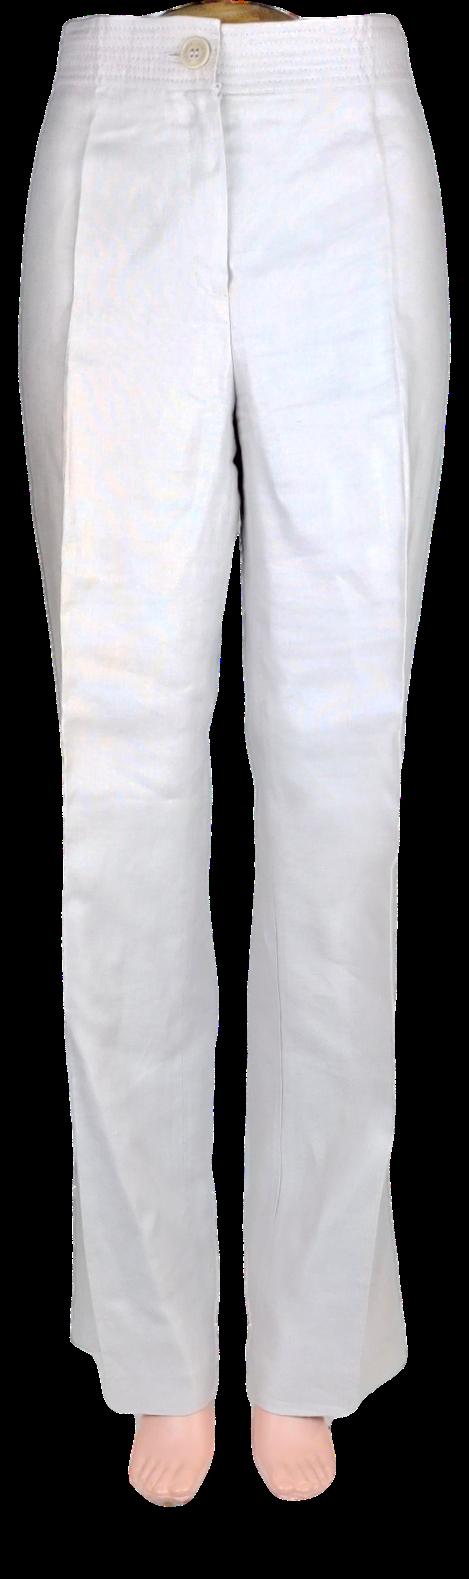 Pantalon Apostrophe -Taille 42